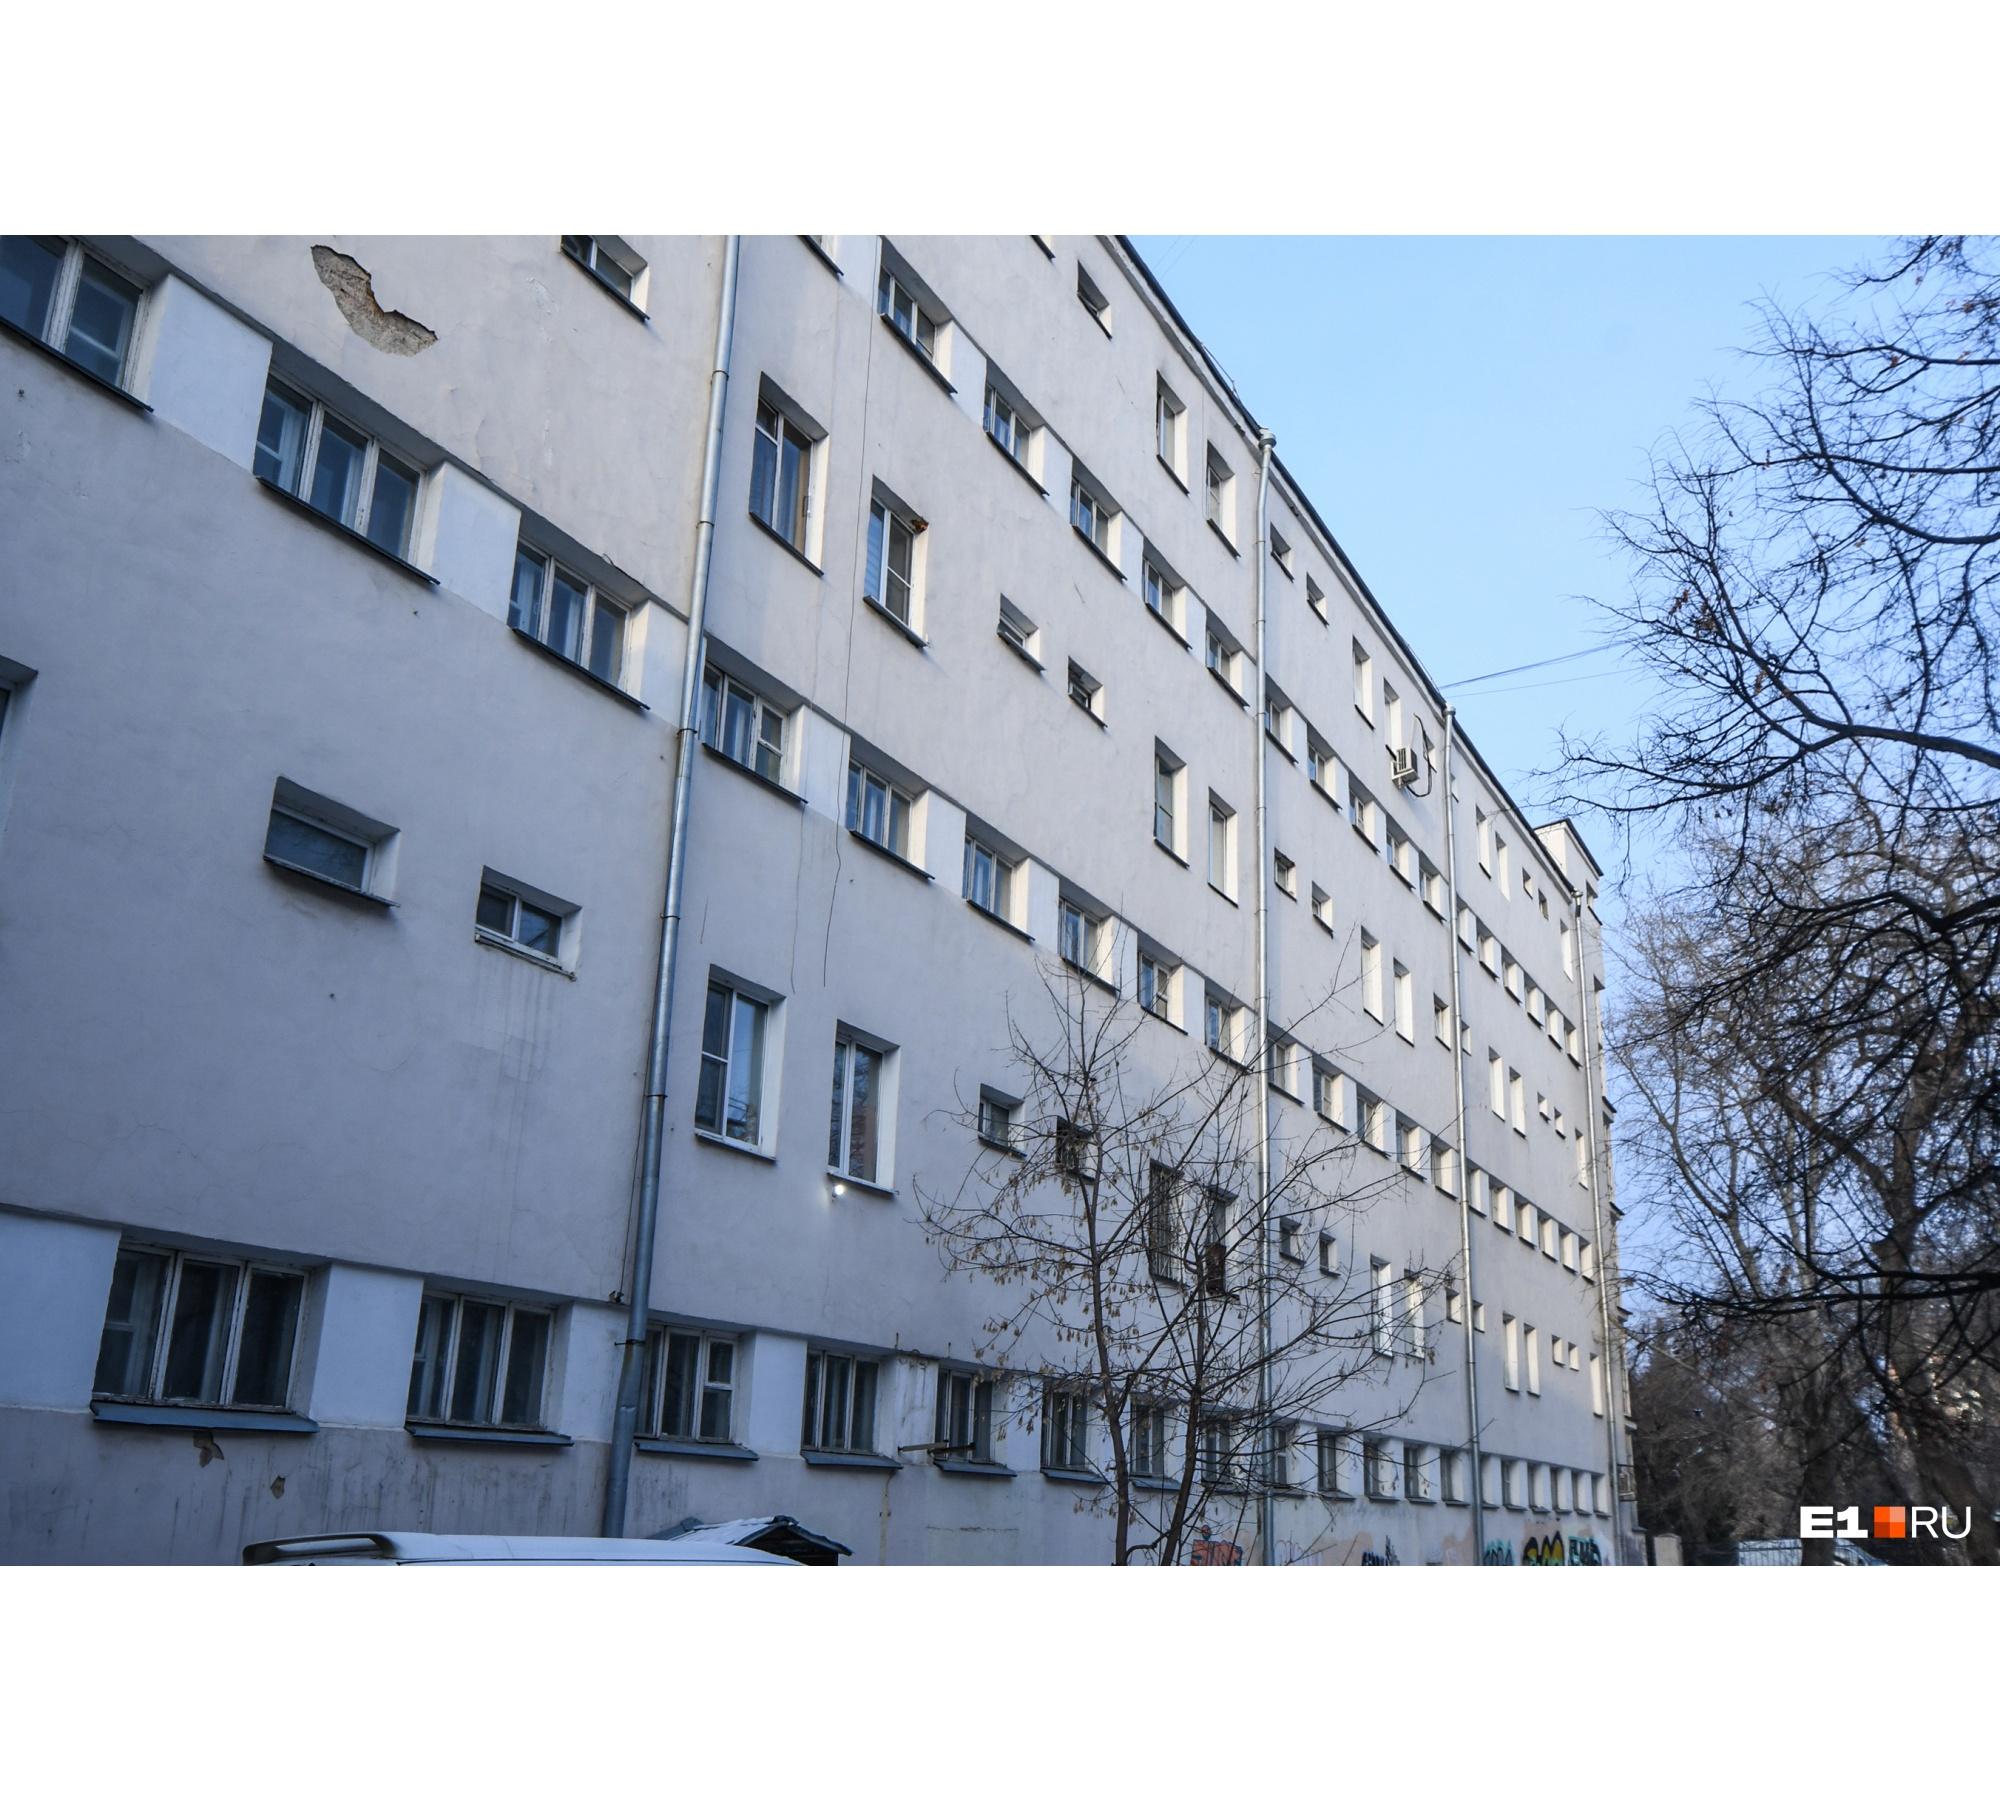 Фасады красили к 50-летию Победы, тогда в Екатеринбург приезжал Борис Ельцин на открытие памятника Жукову